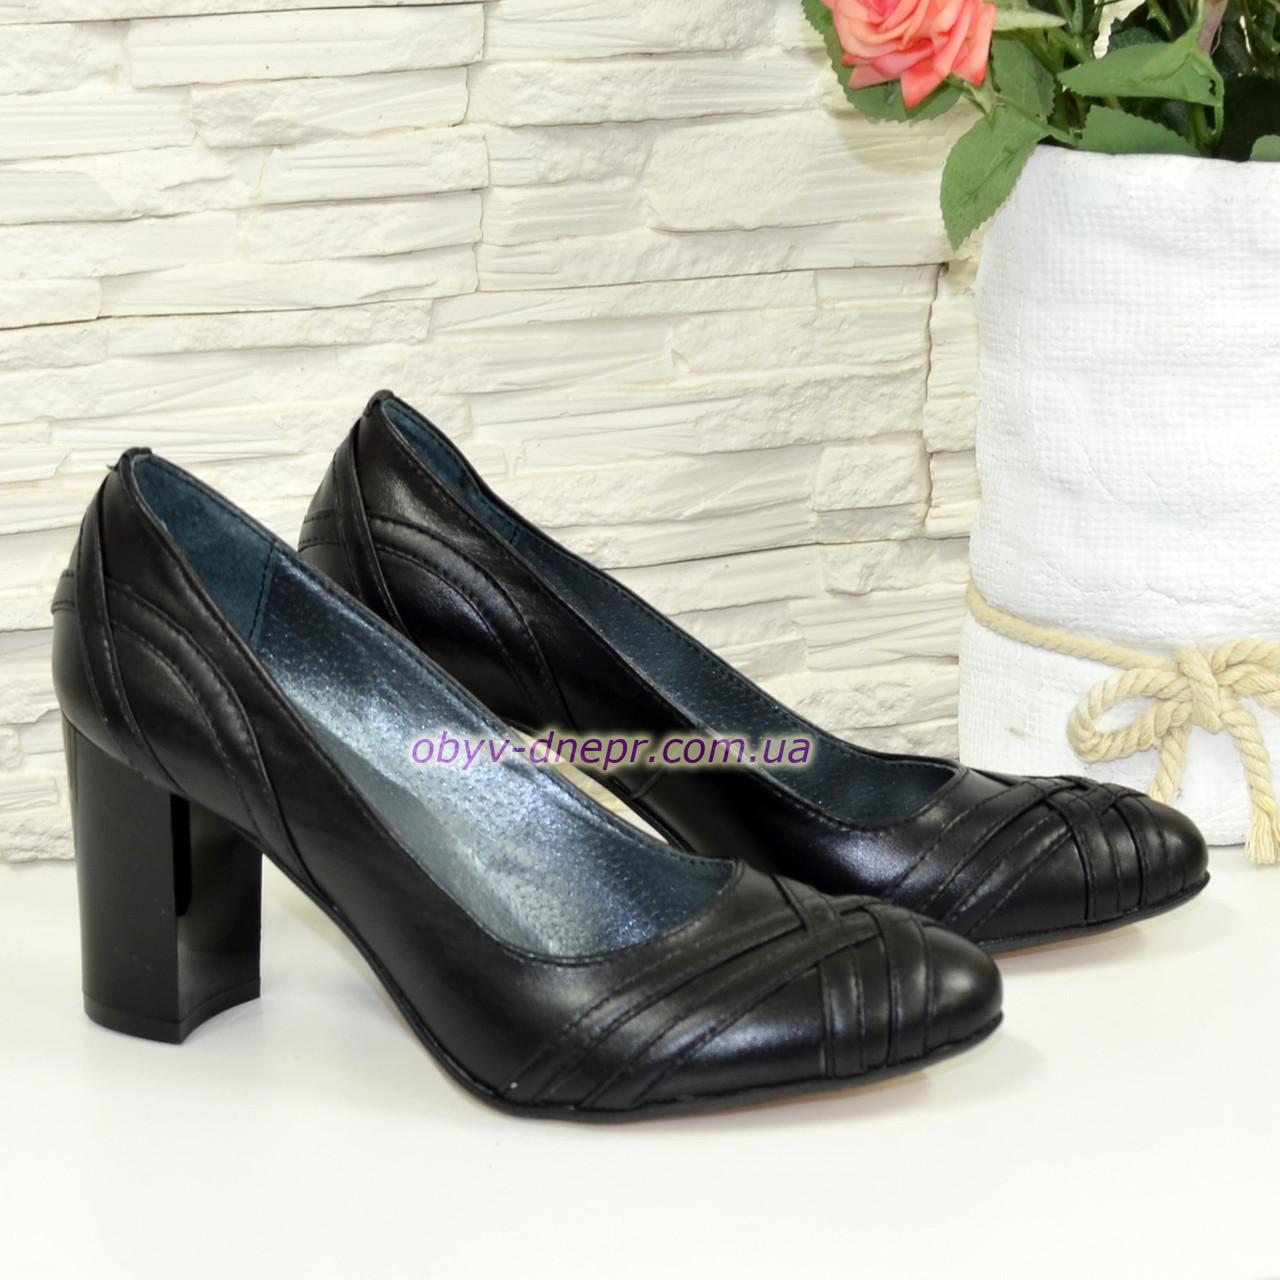 """Шкіряні чорні туфлі на високому стійкому каблуці з плетінням. ТМ """"Maestro"""""""